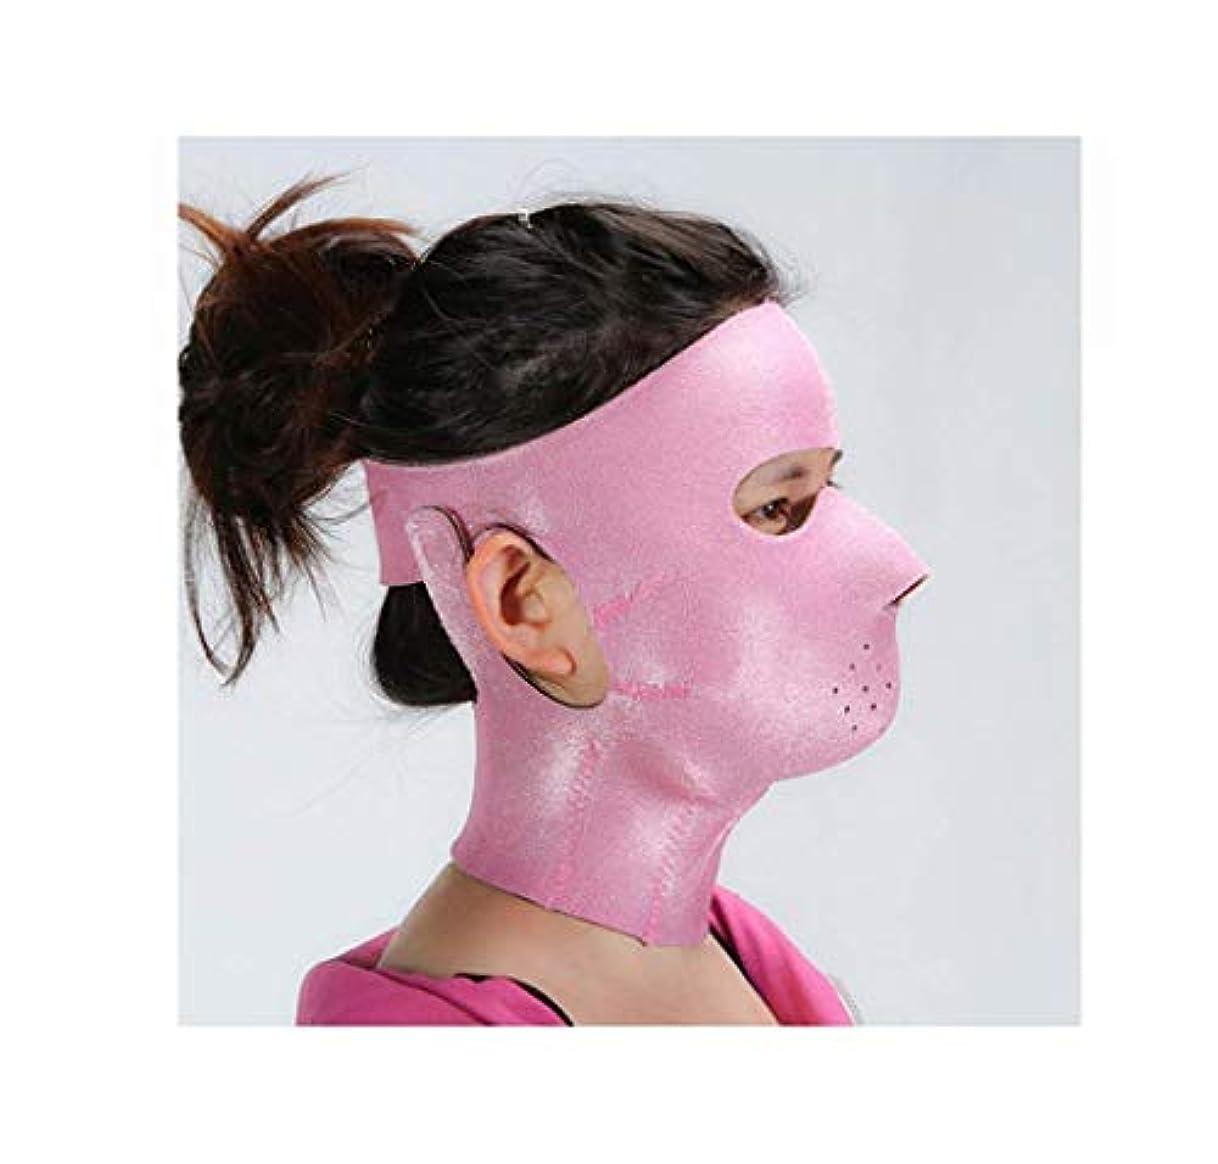 テーマレーザ徴収フェイスリフトマスク、フェイシャルマスクプラス薄いフェイスマスクタイトなたるみの薄いフェイスマスクフェイシャル薄いフェイスマスクアーティファクトビューティーネックストラップ付き